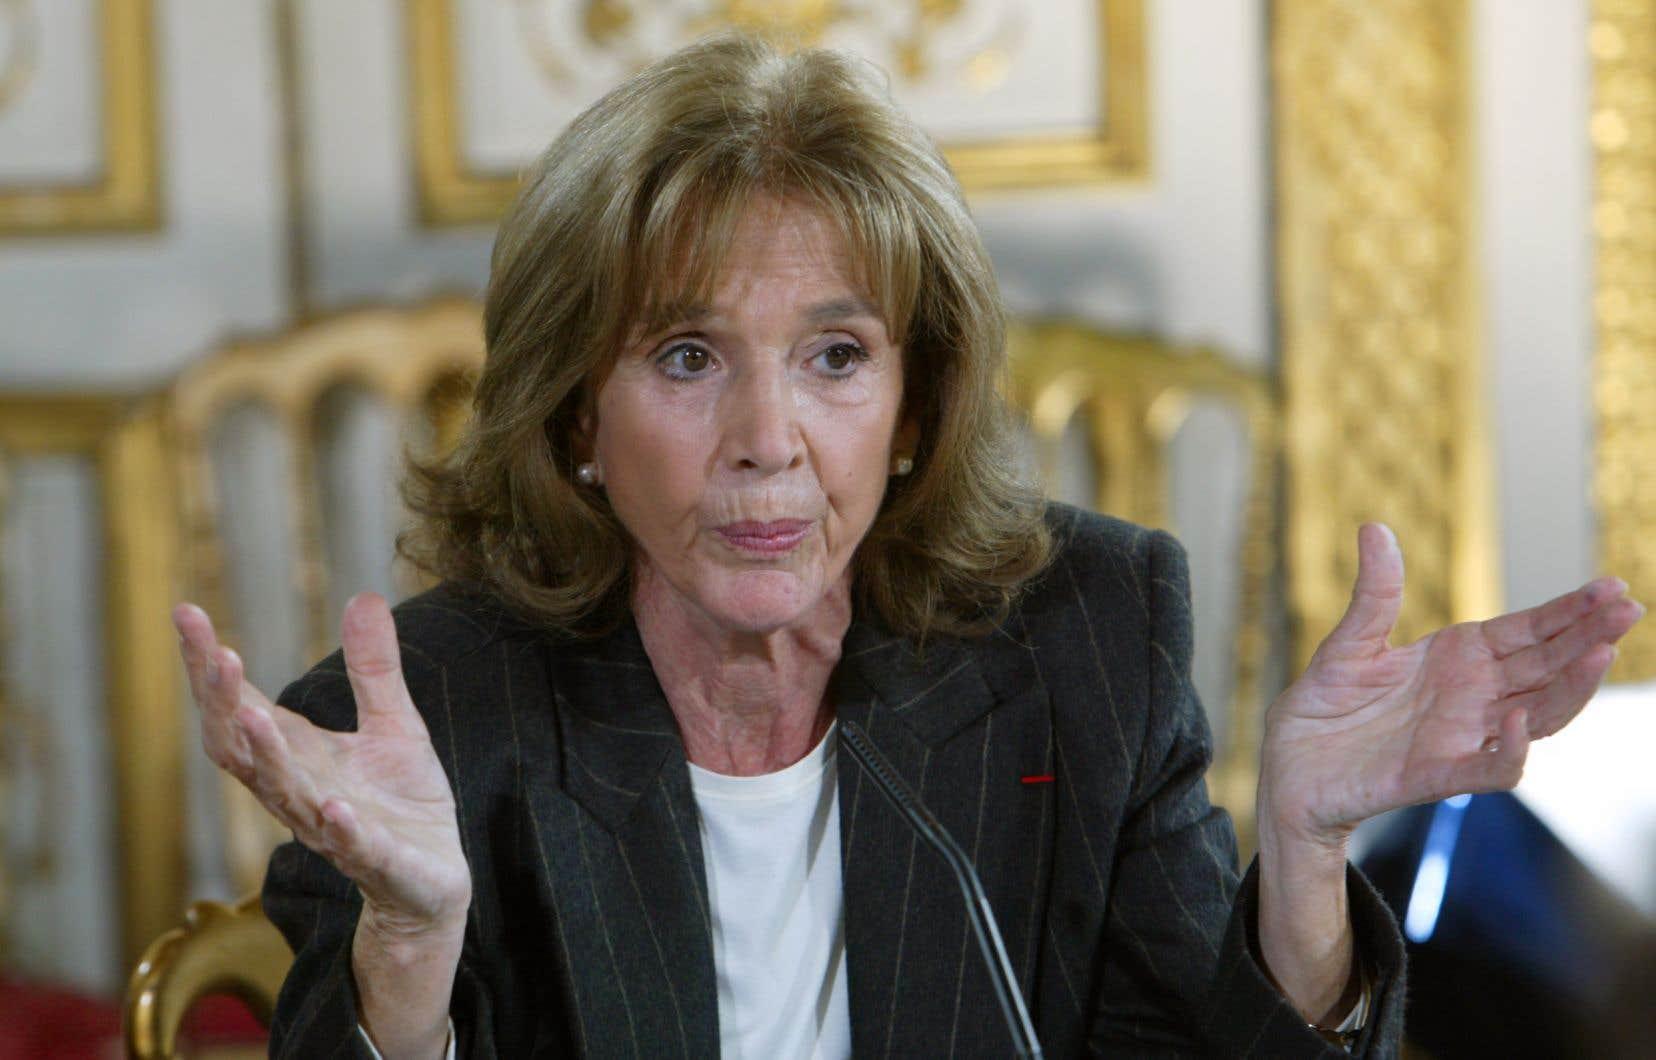 Gisèle Halimi, photographiée à Paris en novembre 2003